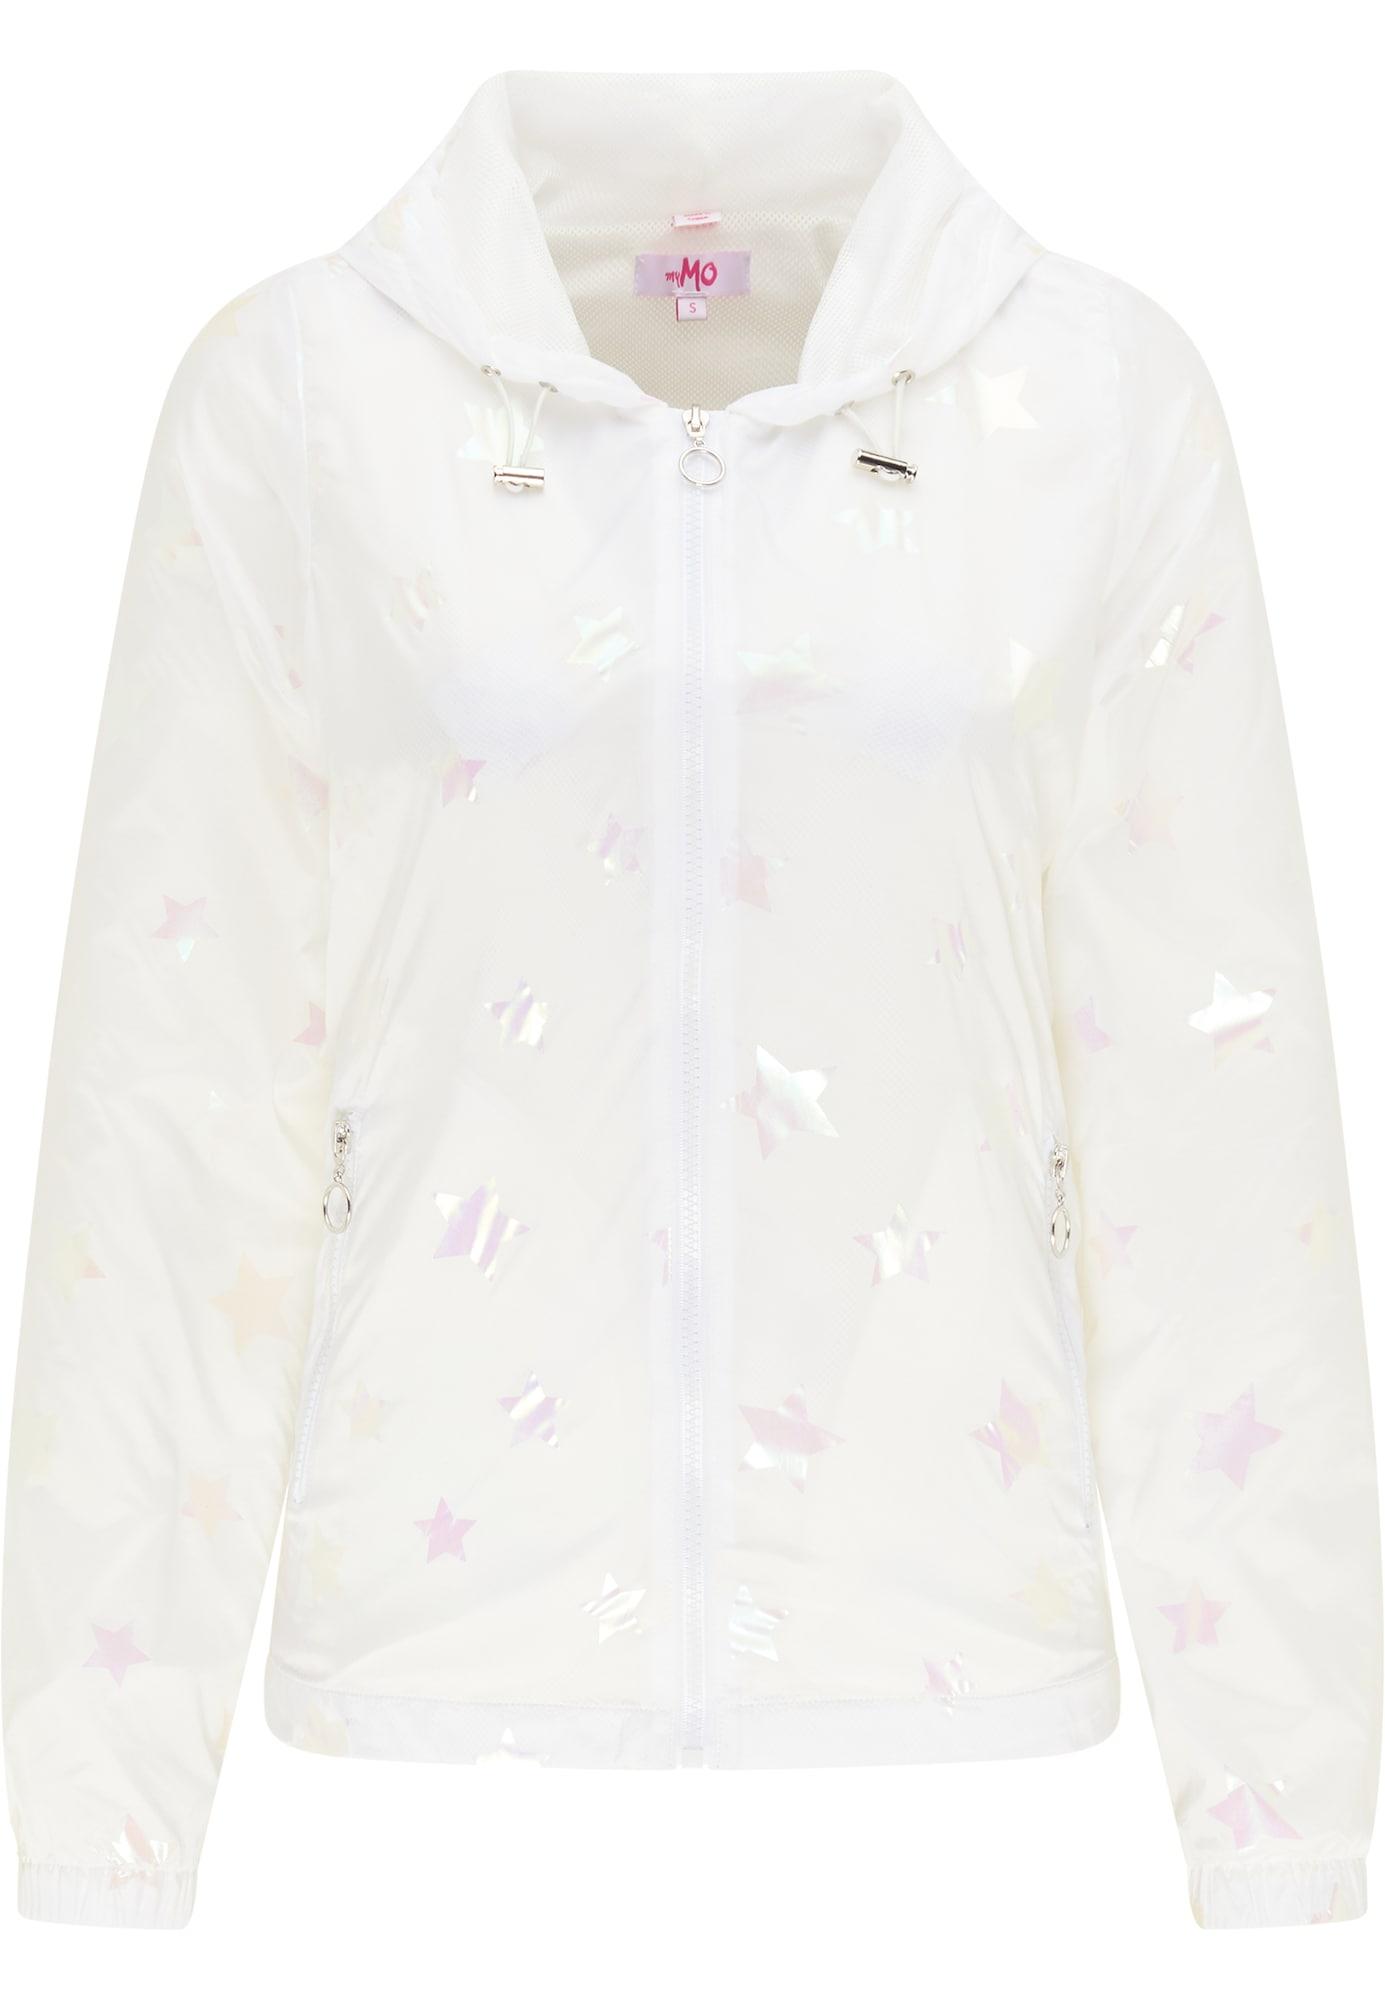 MYMO Demisezoninė striukė balta / pastelinė rožinė / pastelinė geltona